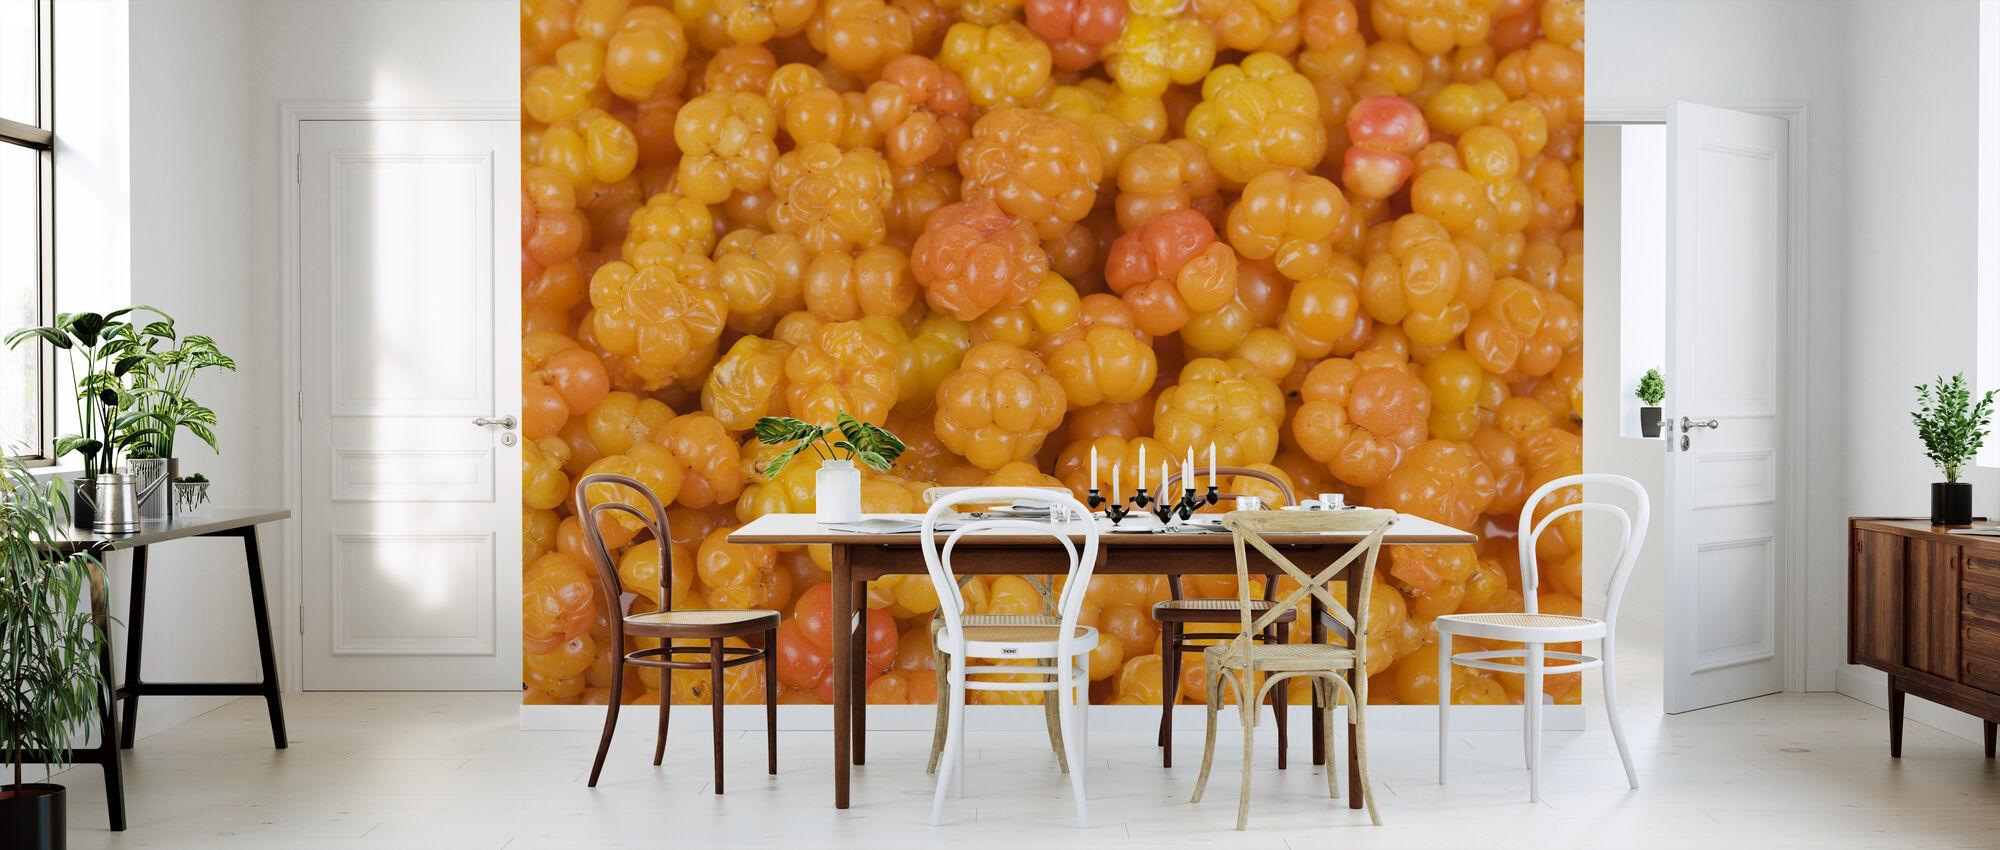 Cloudberry - Wallpaper - Kitchen